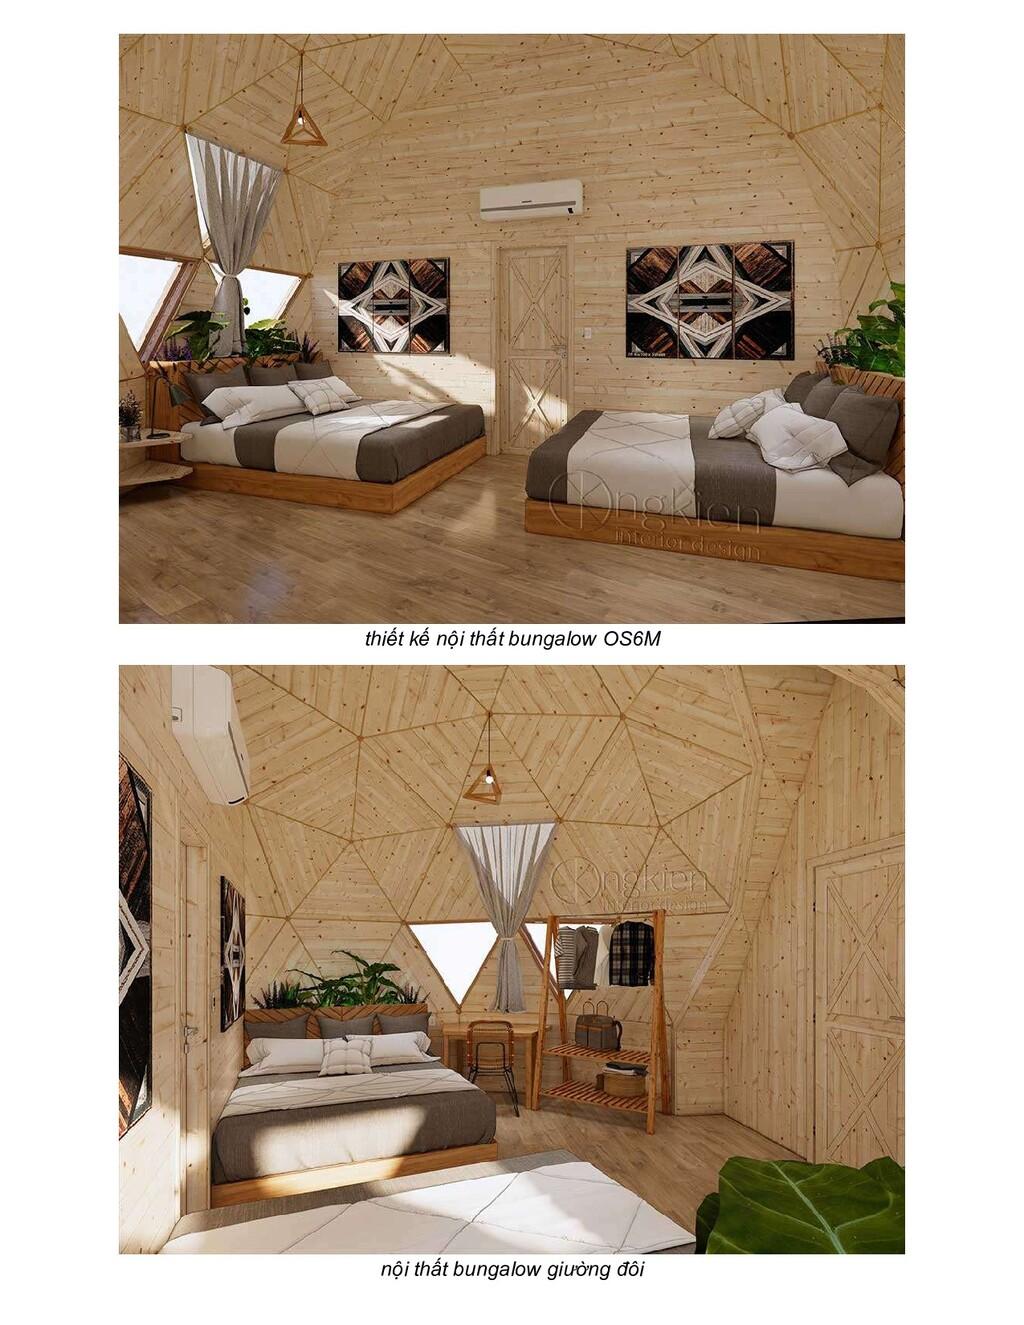 thiết kế nội thất bungalow OS6M nội thất bungal...